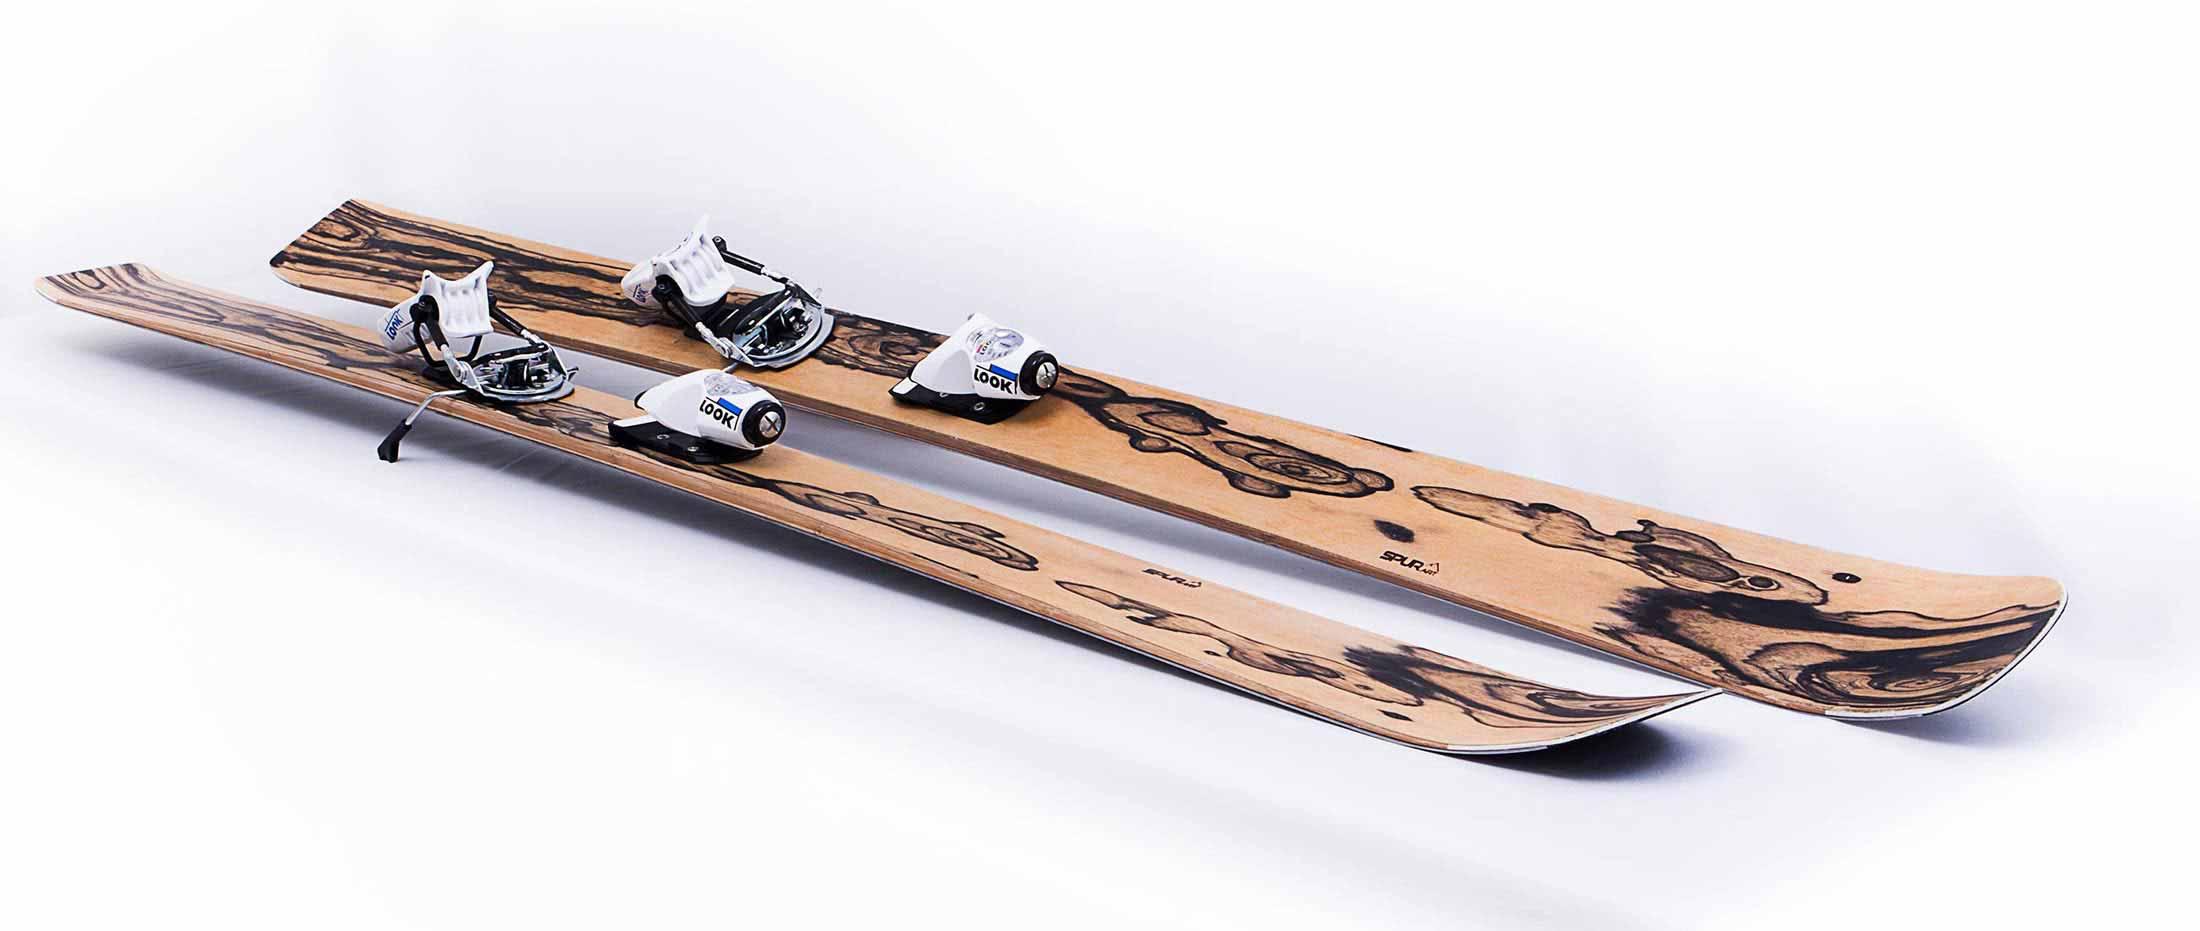 vustom made ski